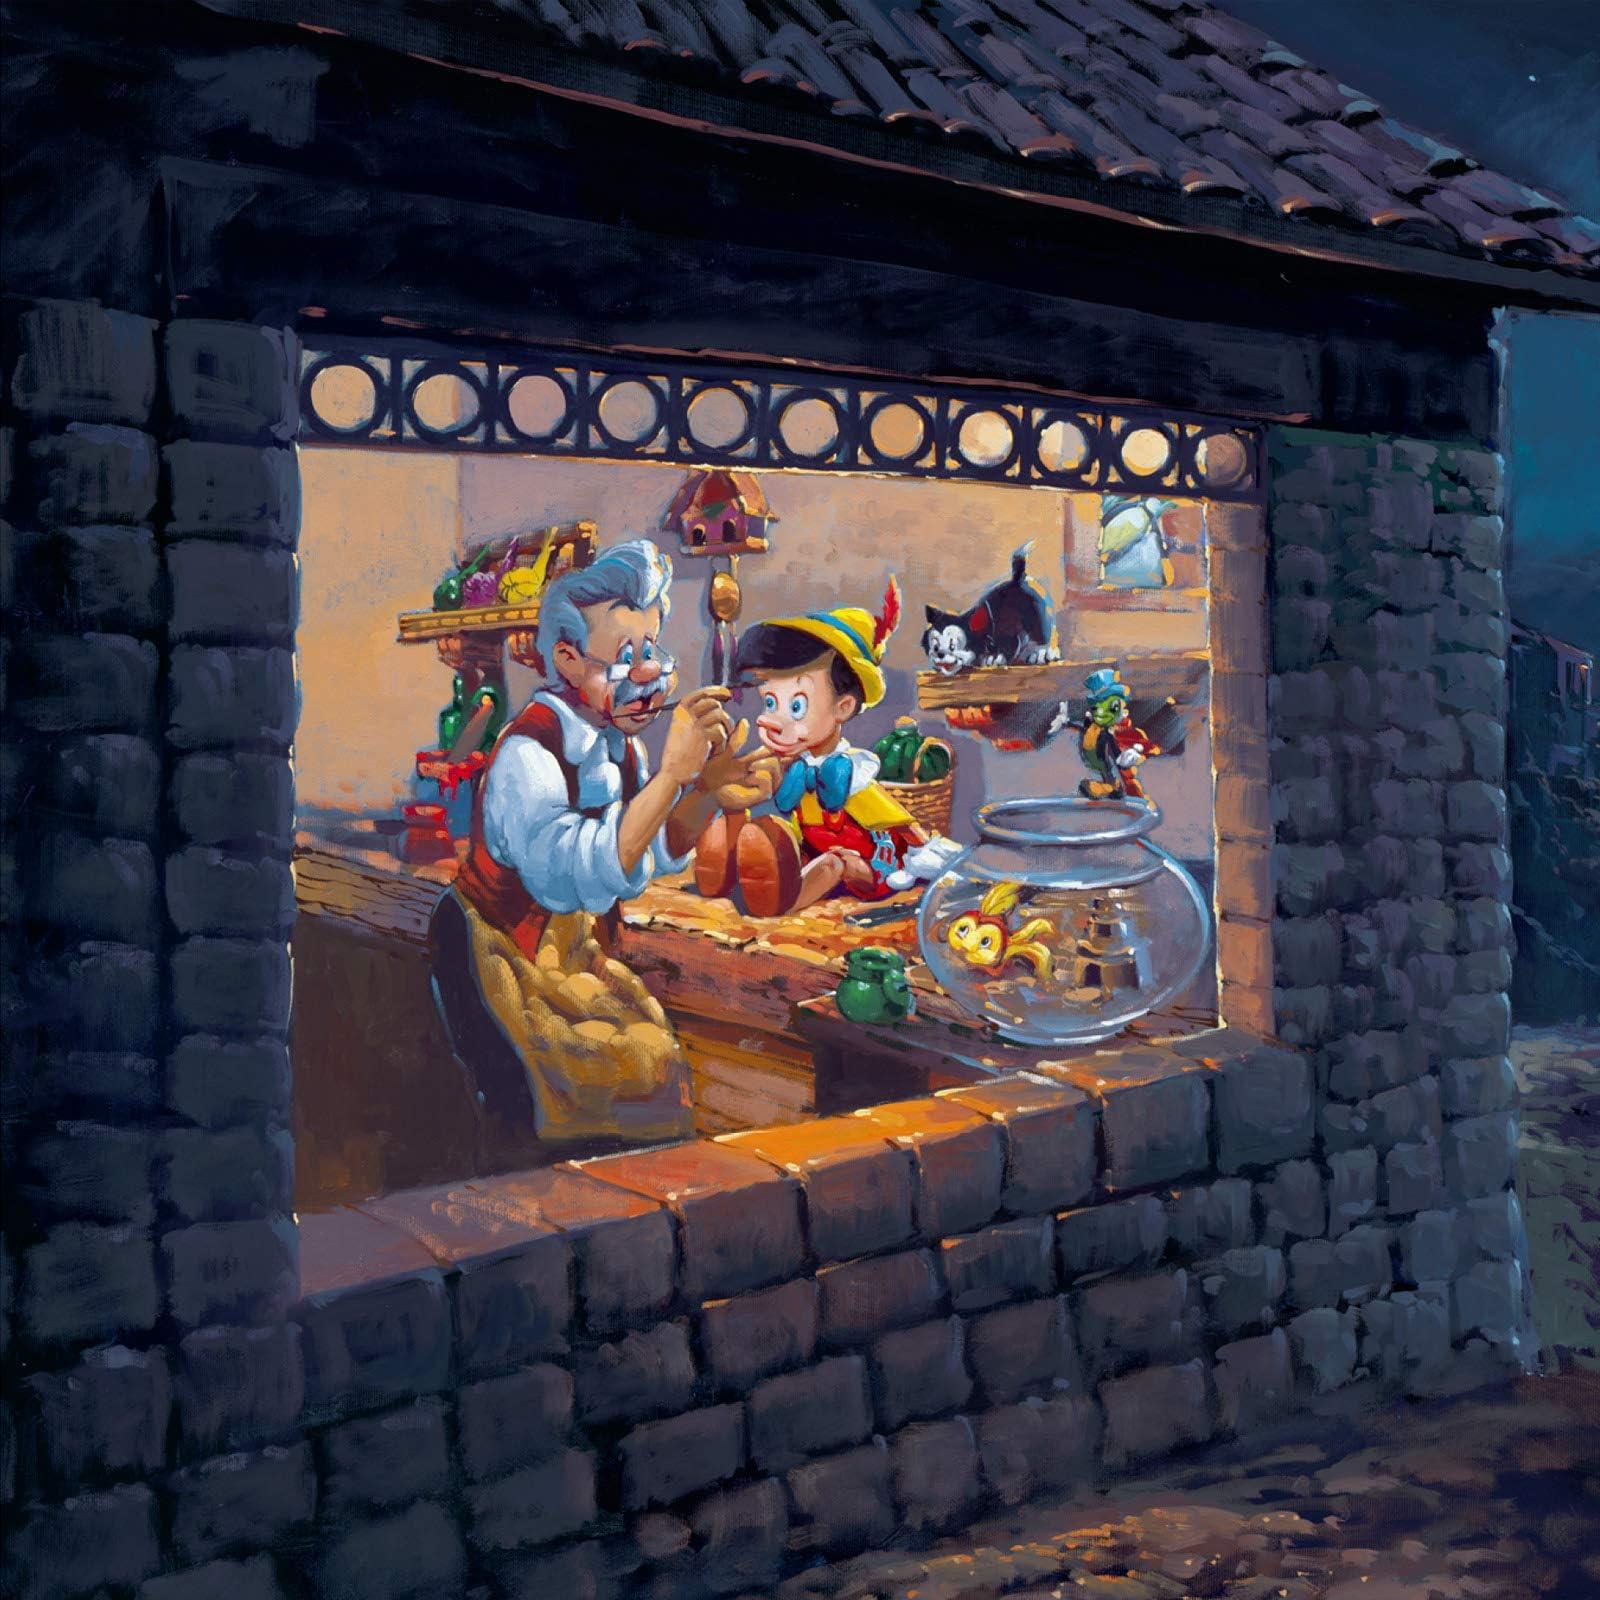 ディズニー ザ ウィッシング スター(ピノキオ)  iPad壁紙画像